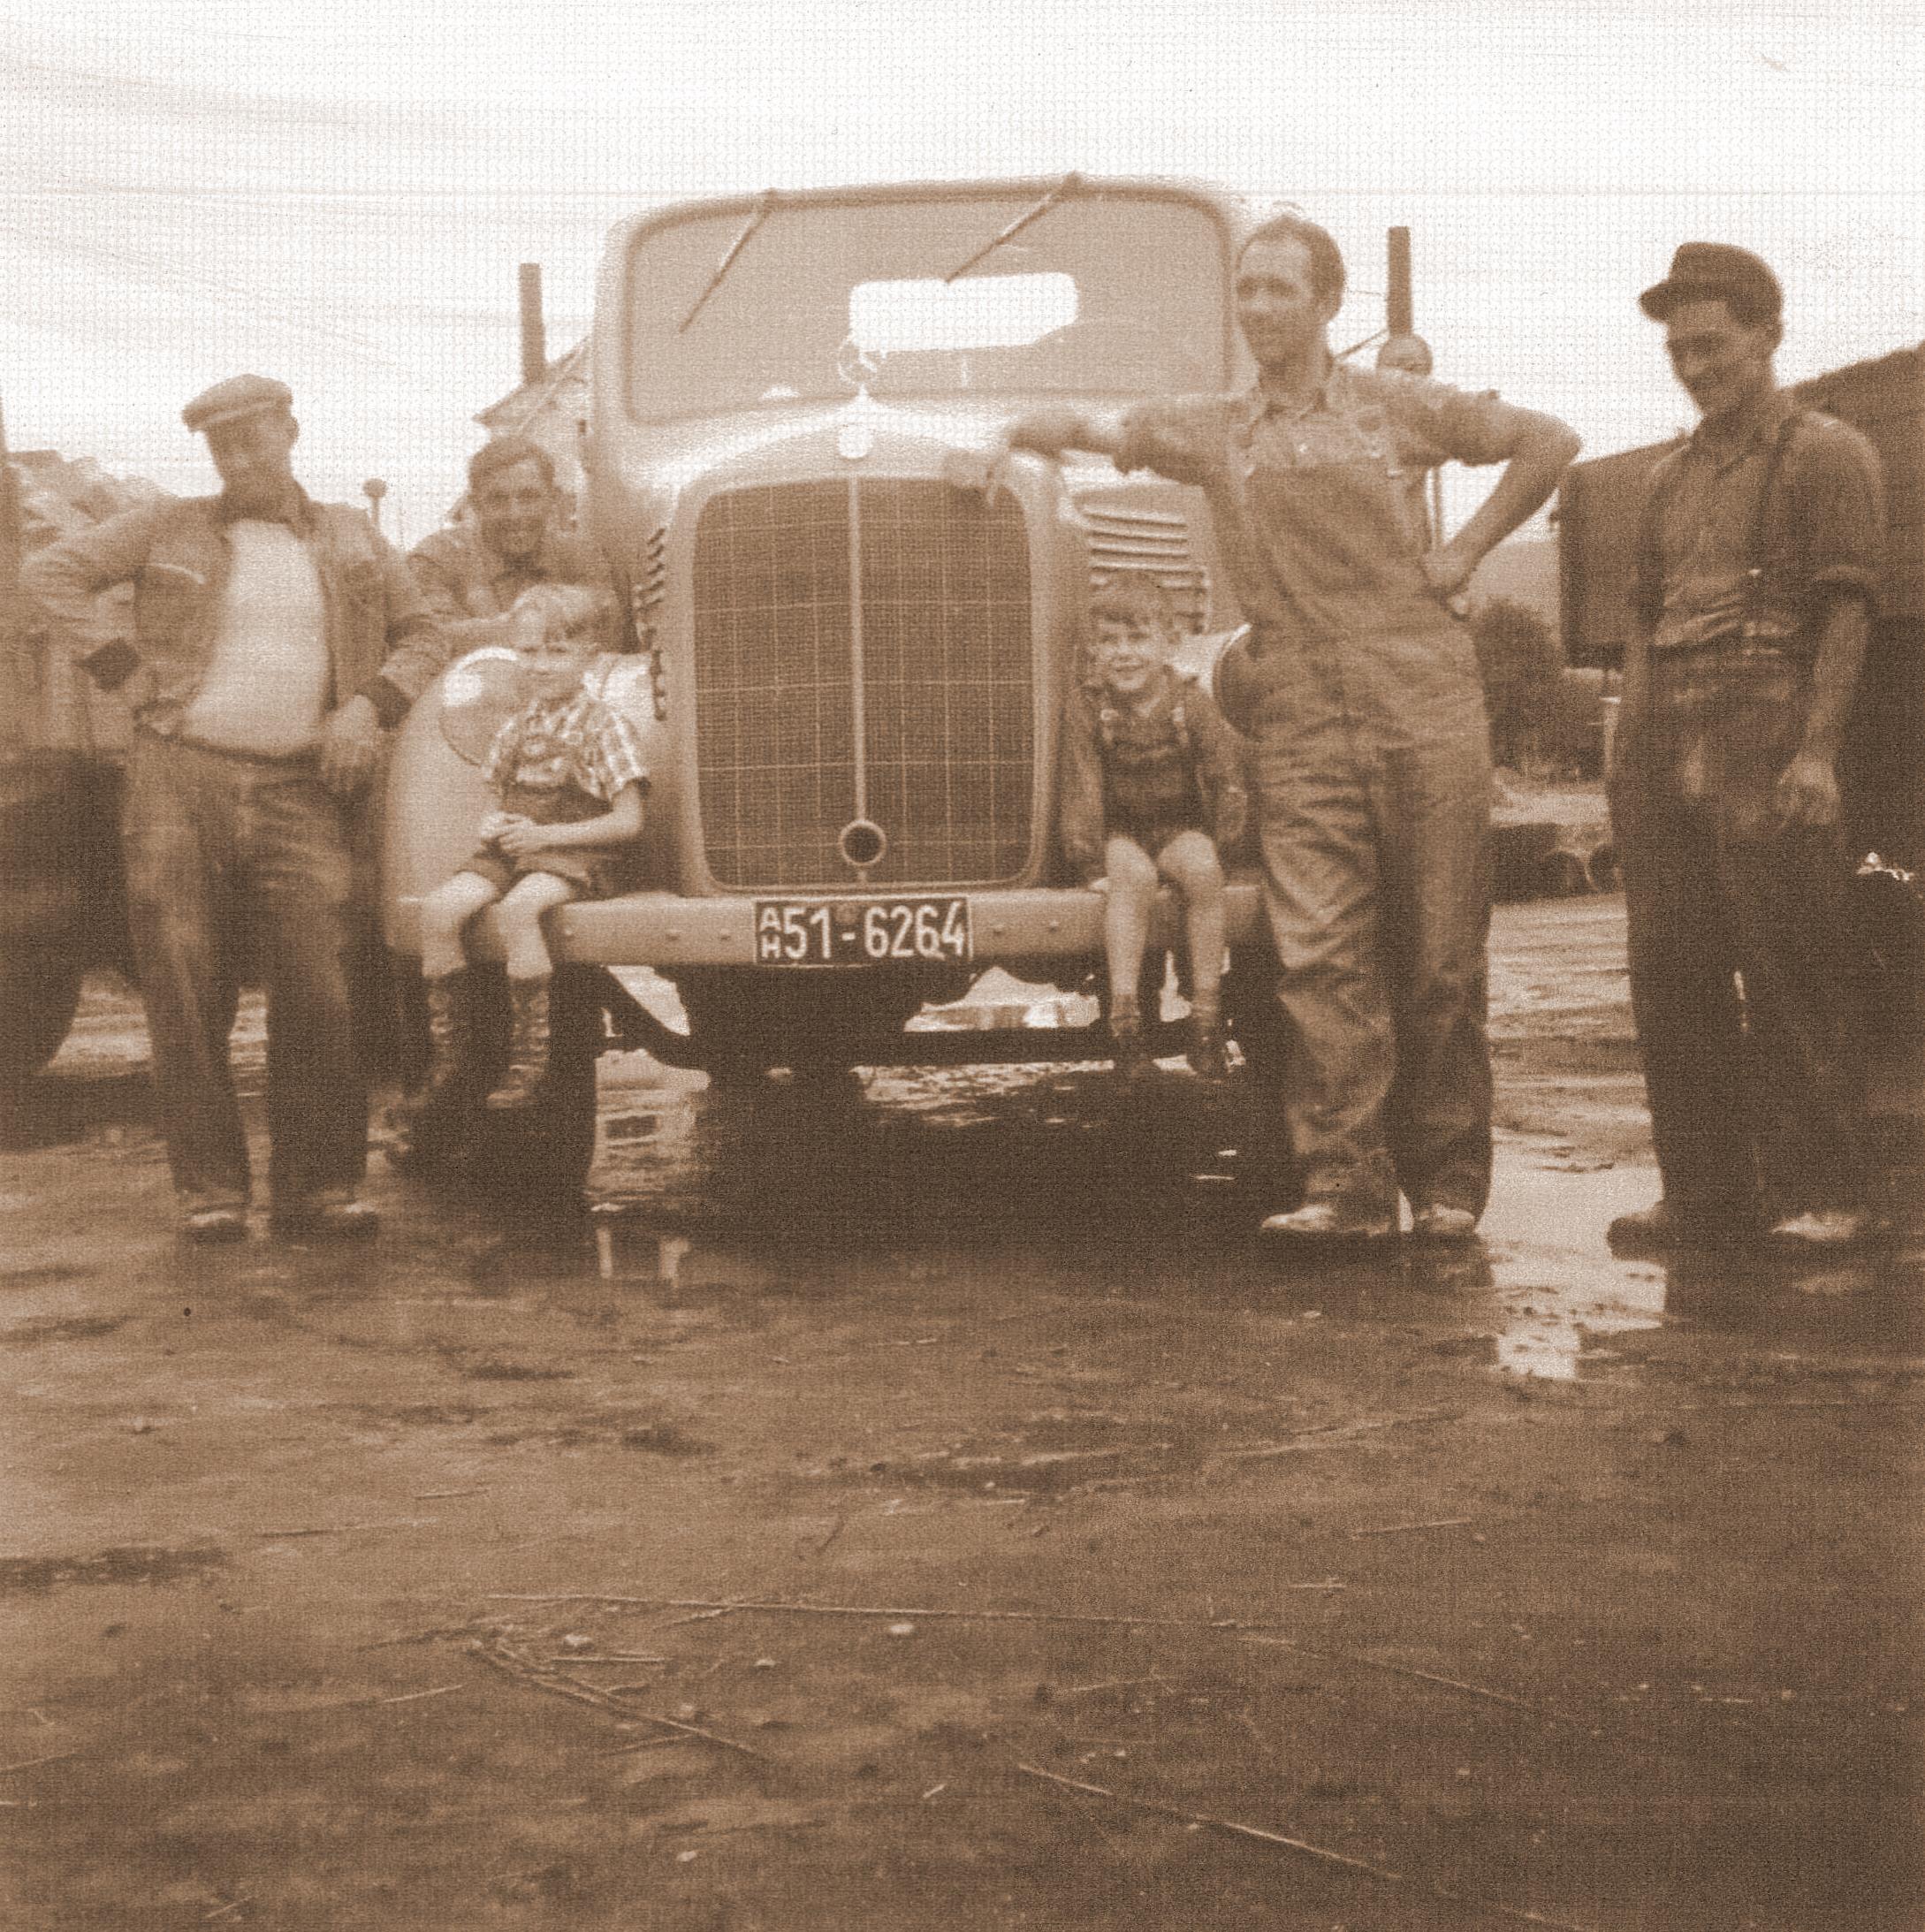 HistorischesFoto LKW Familie Sepia